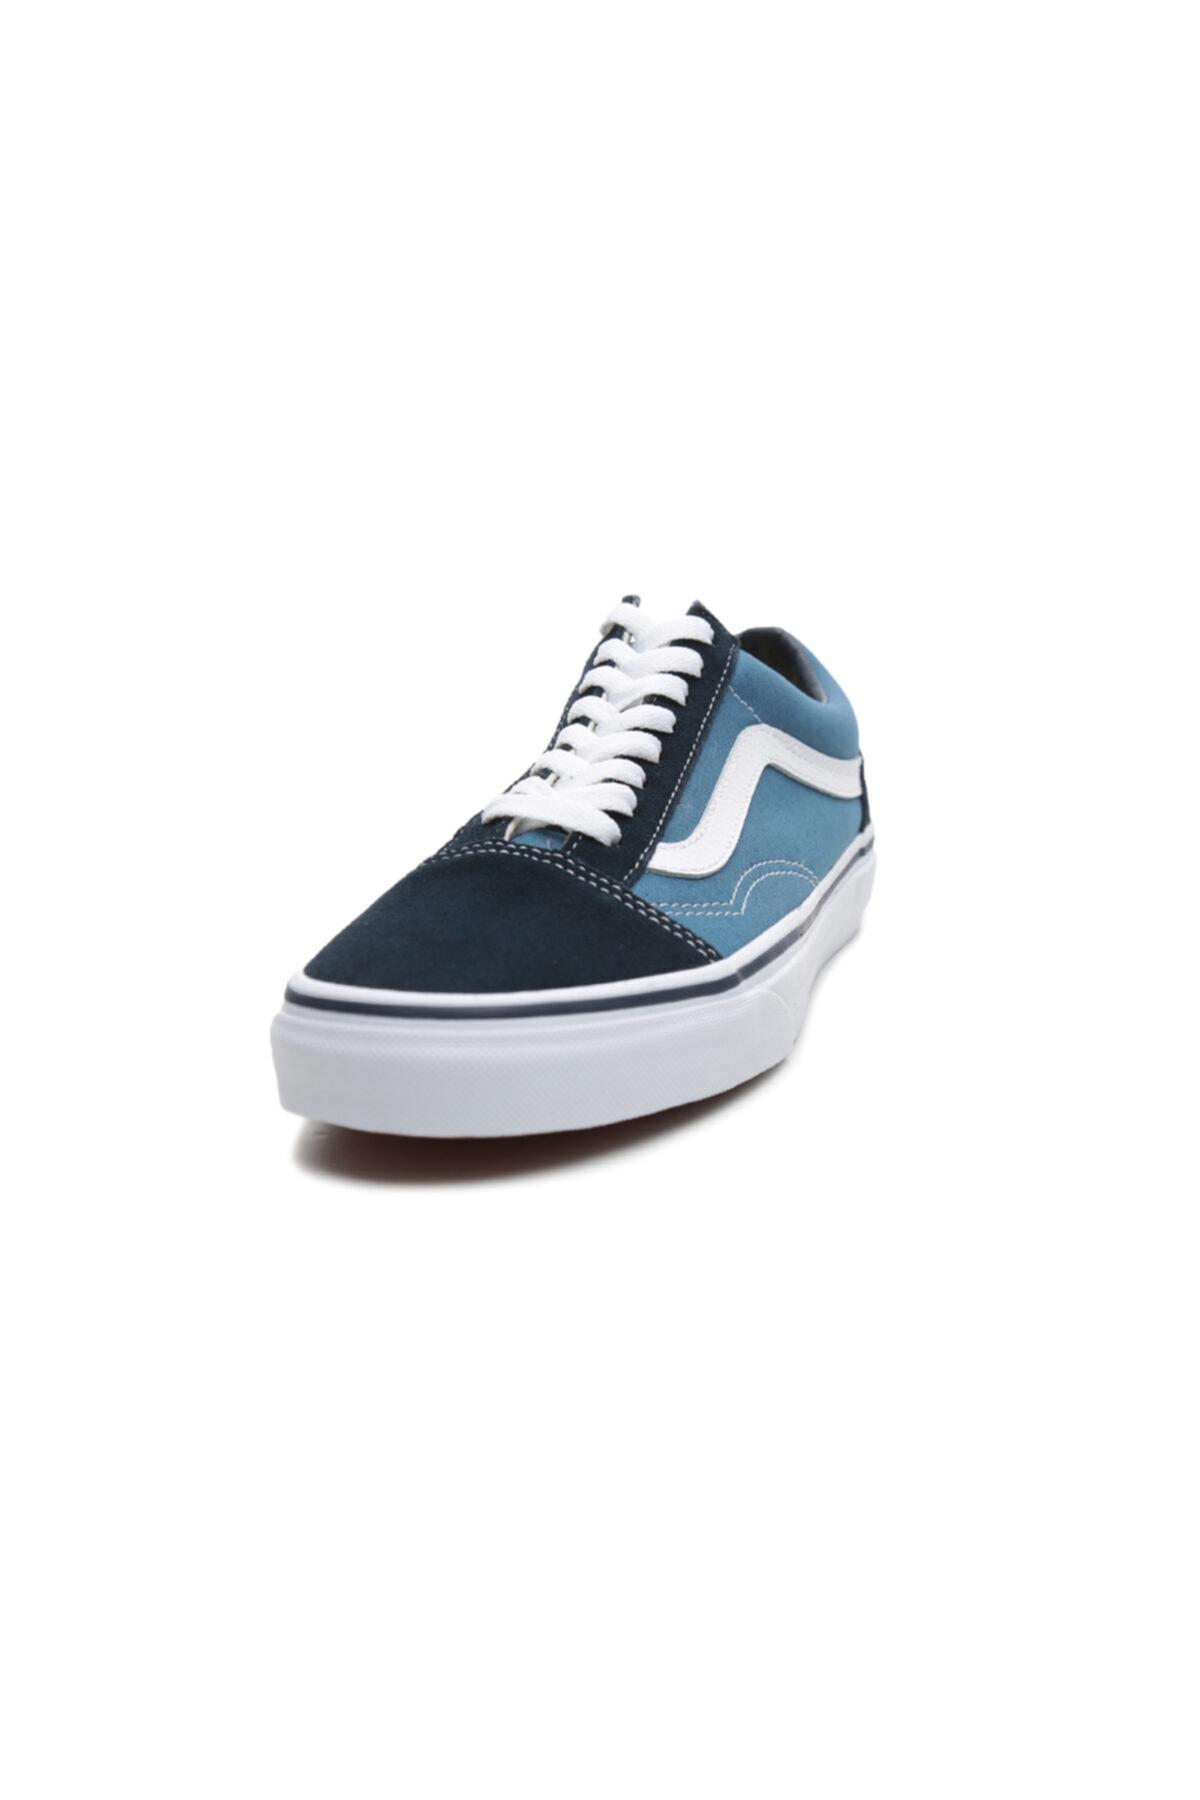 Vans Old Skool Unisex Spor Ayakkabı Mavi 2